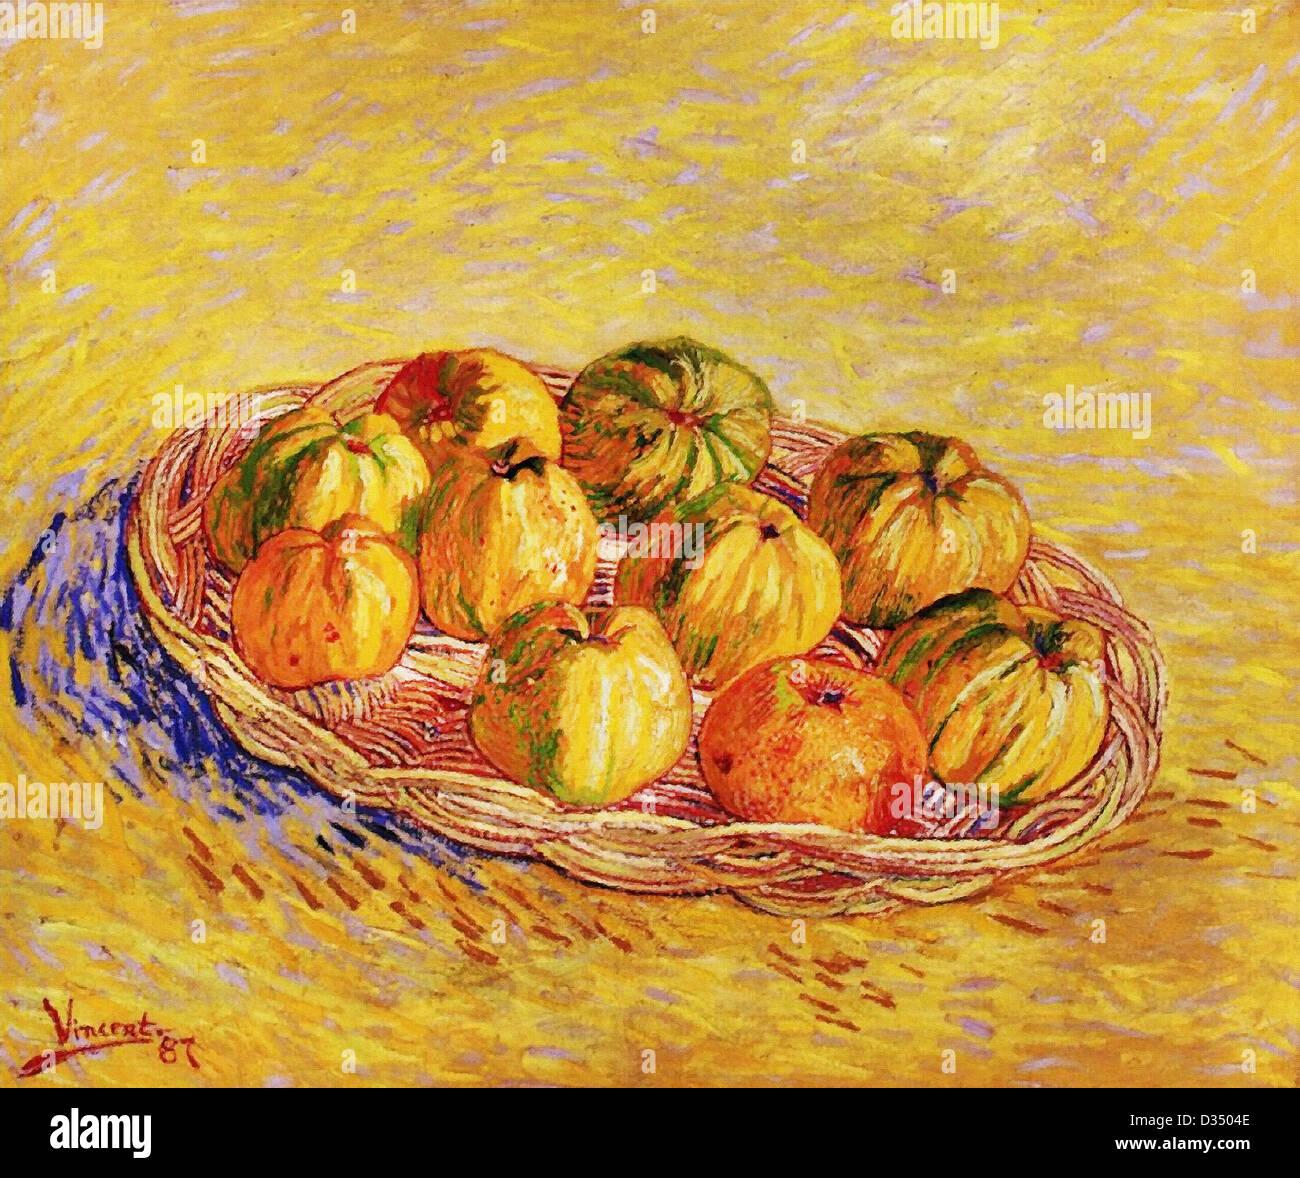 Vincent van Gogh, Nature morte avec panier de pommes. 1887. Le postimpressionnisme. Huile sur toile. Photo Stock